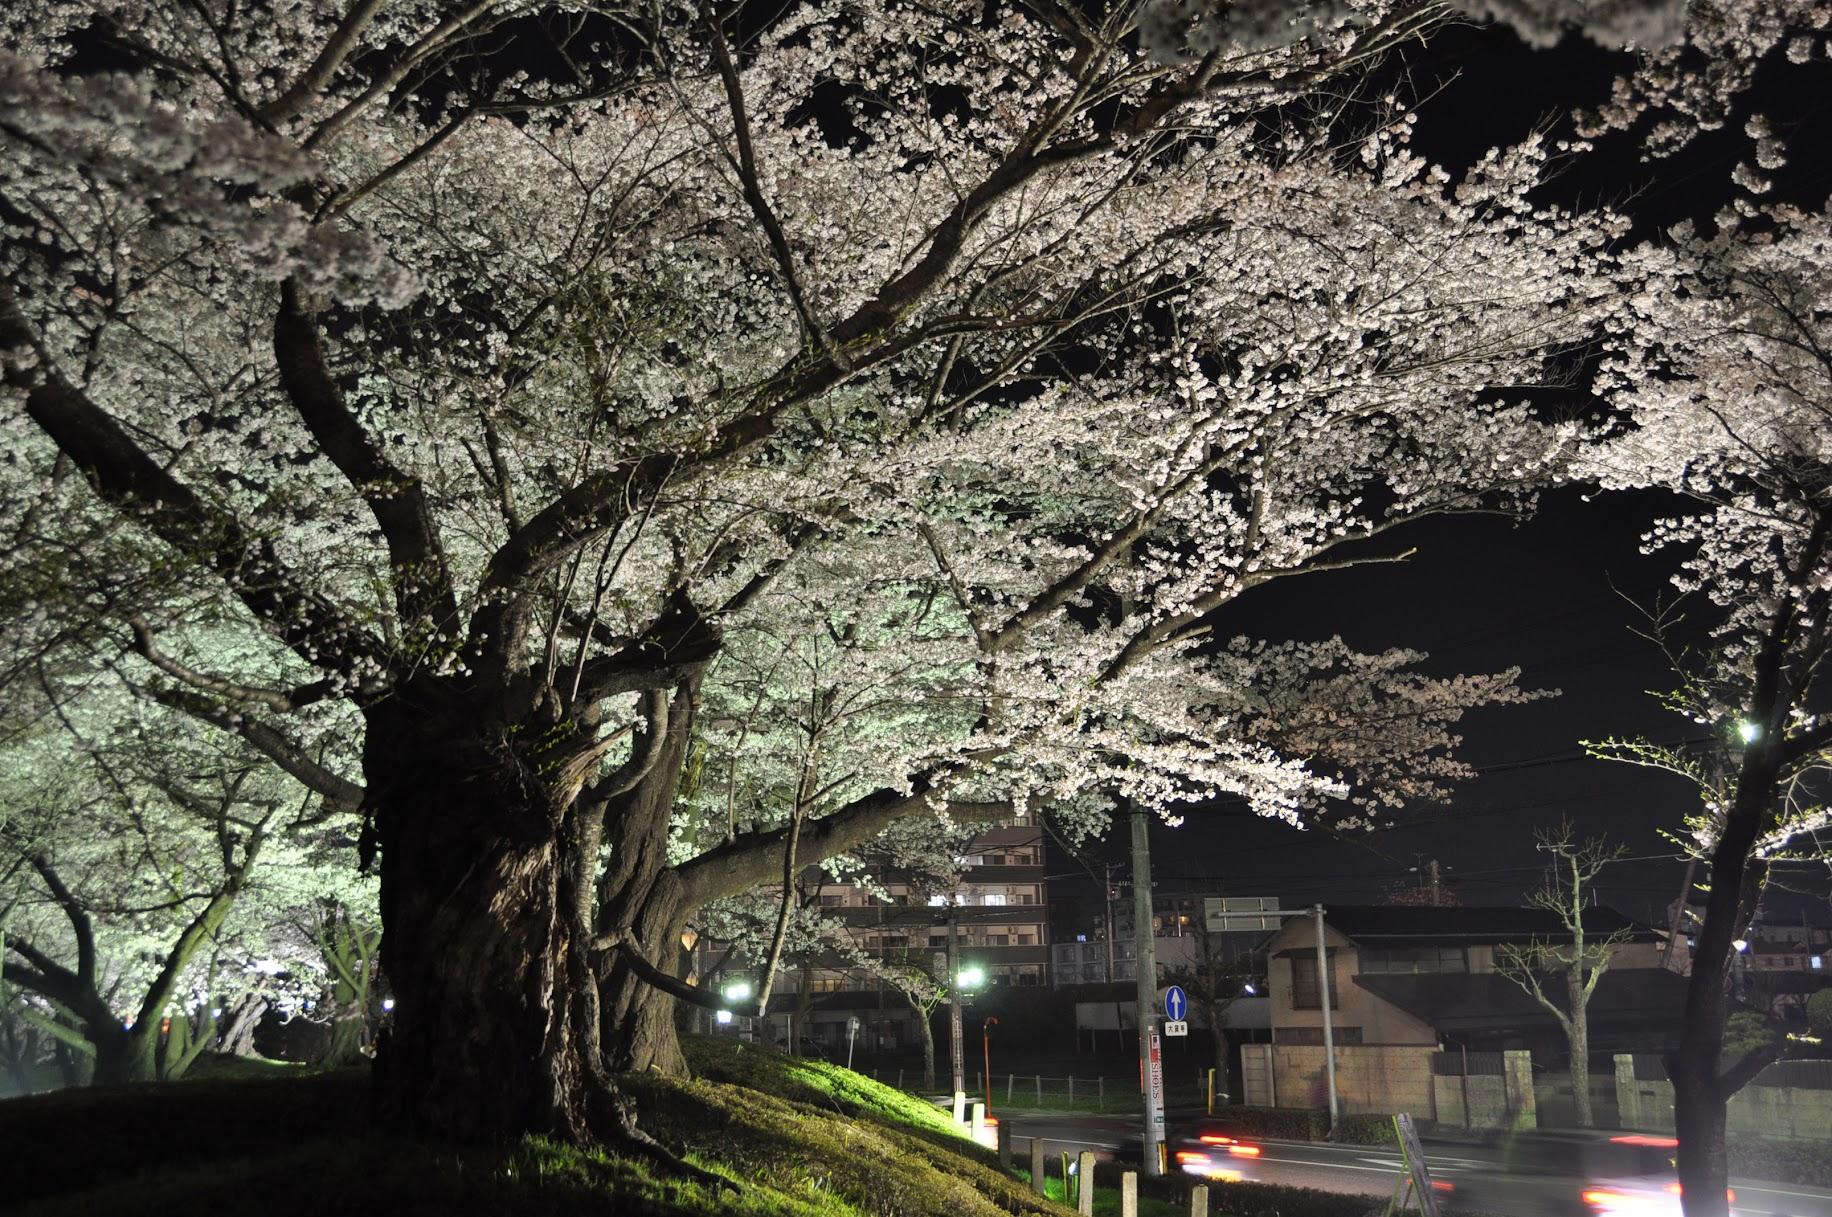 開成山桜祭り | 郡山市の桜祭り